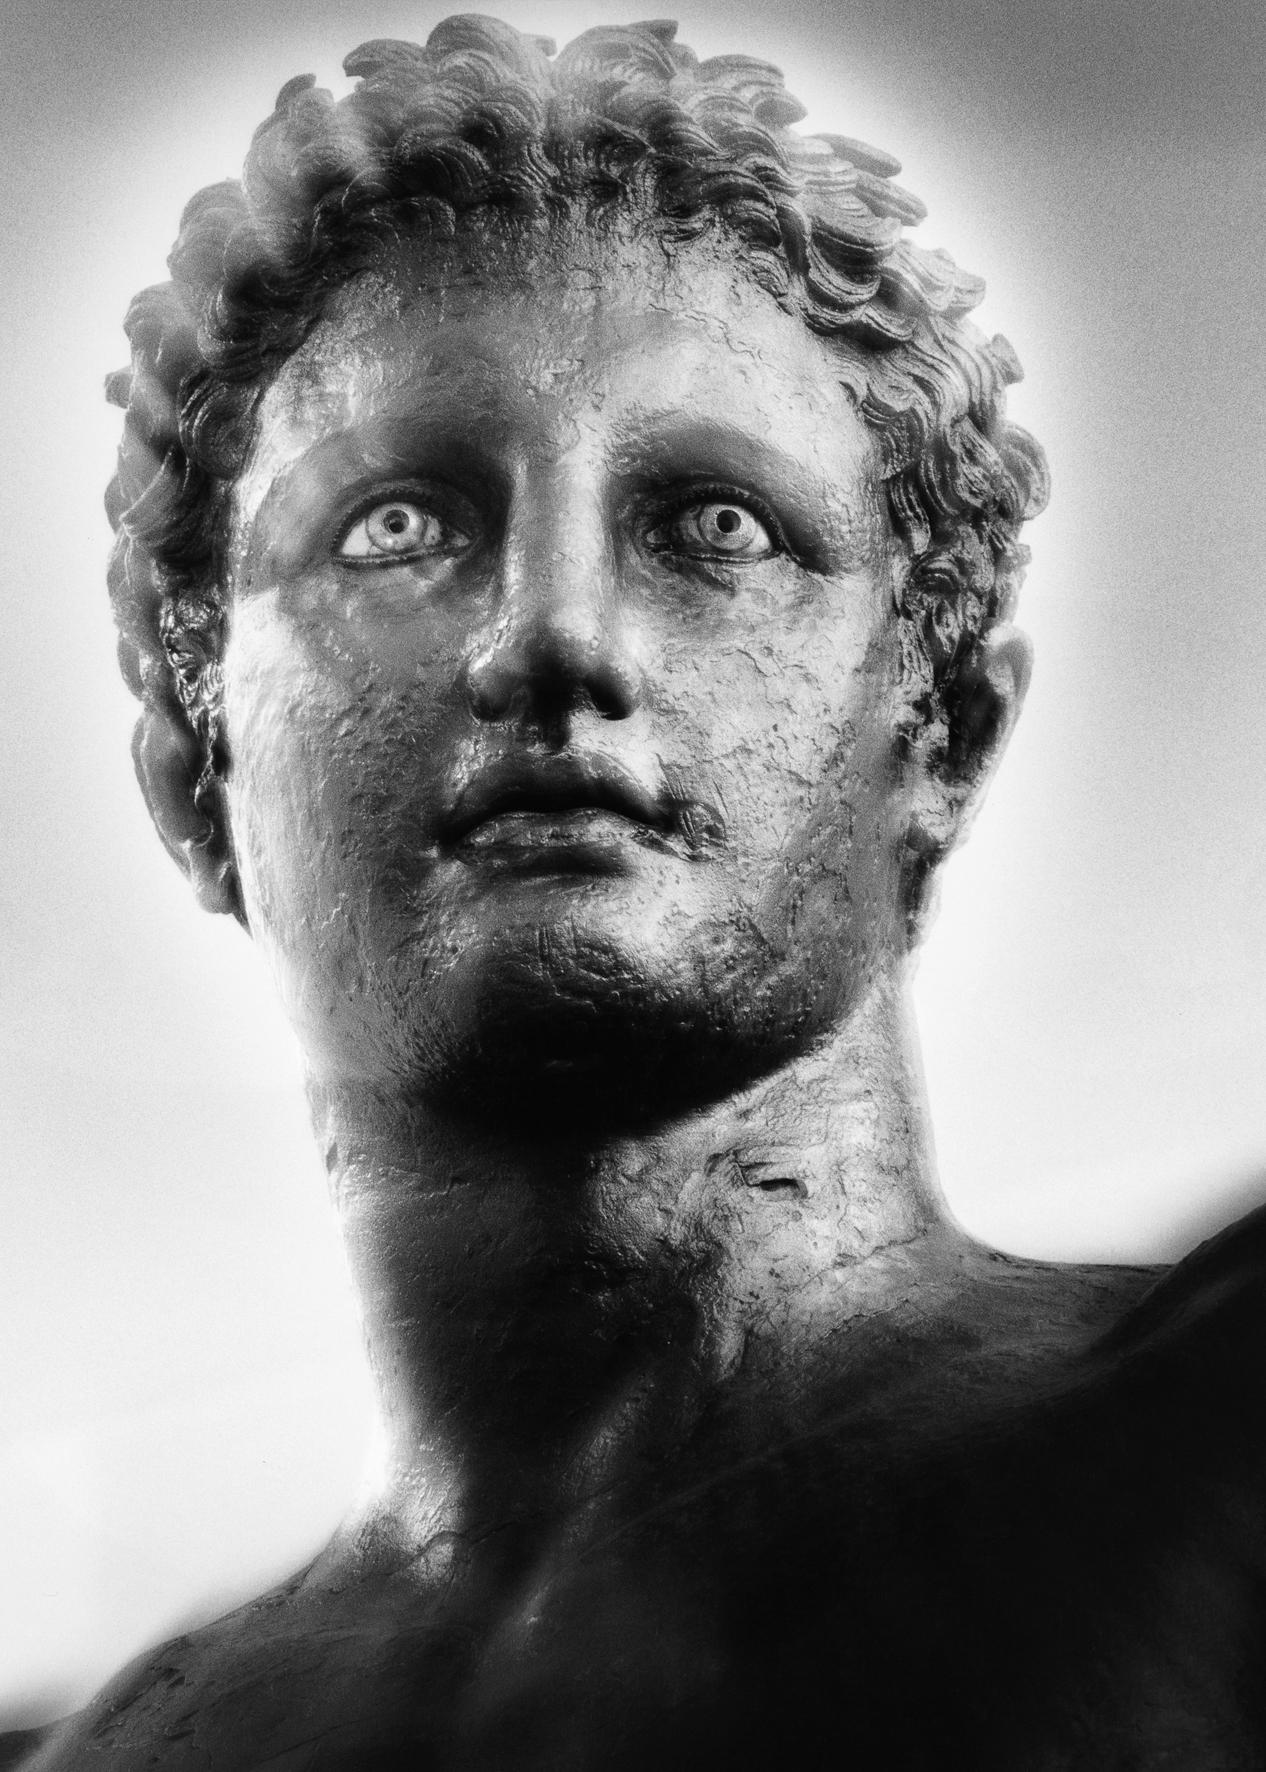 Mimmo Jodice, Volto da Atene, 1993 (in mostra fino al 11/01/15, clic sulla foto per info)